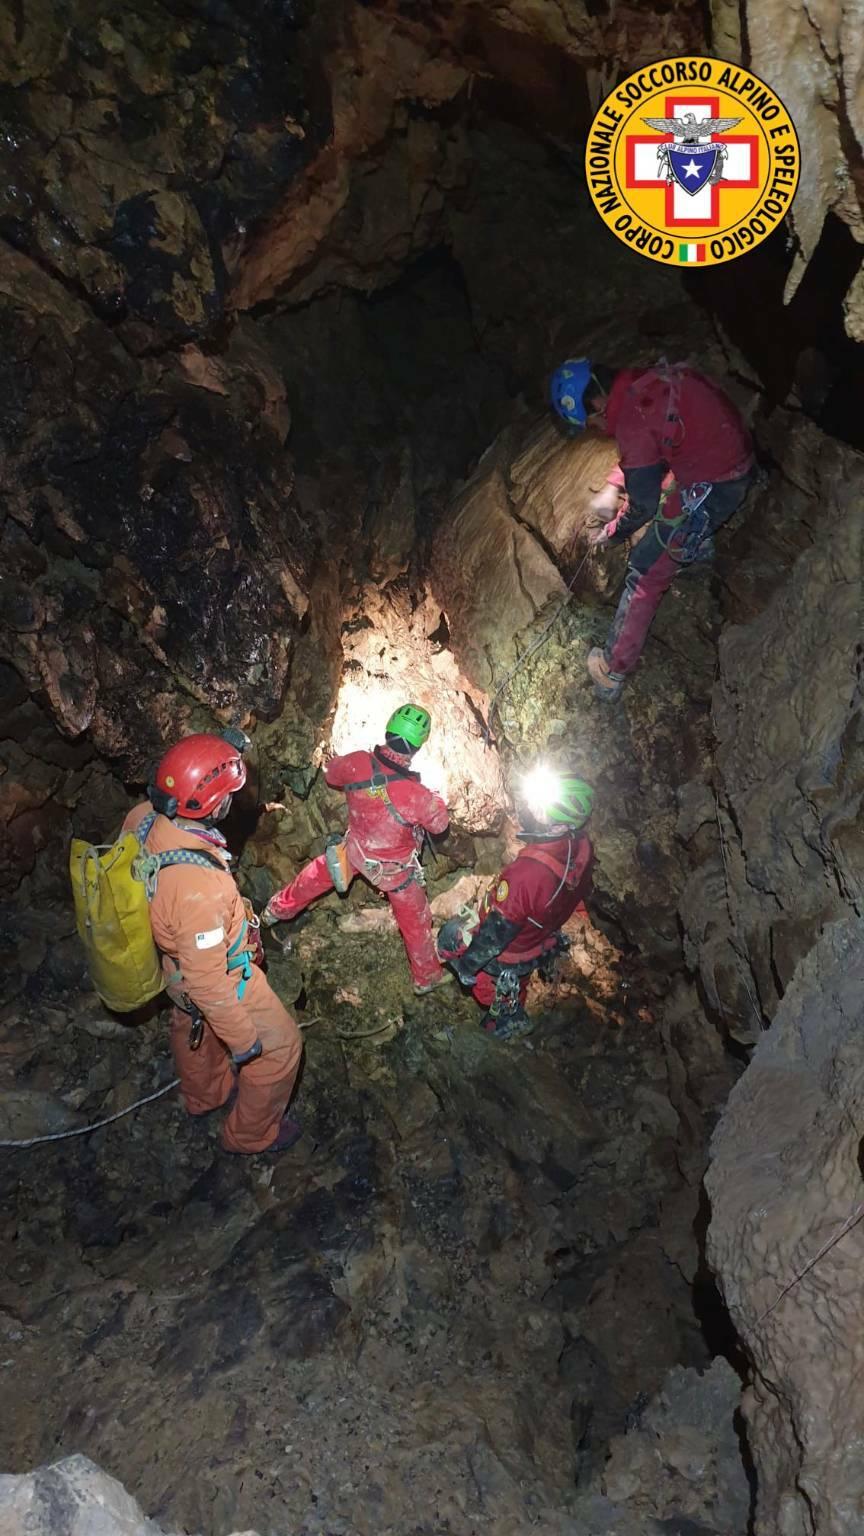 Oltre 40 persone impegnate nell'esercitazione della IX Delegazione Lombarda speleologica del Cnsas